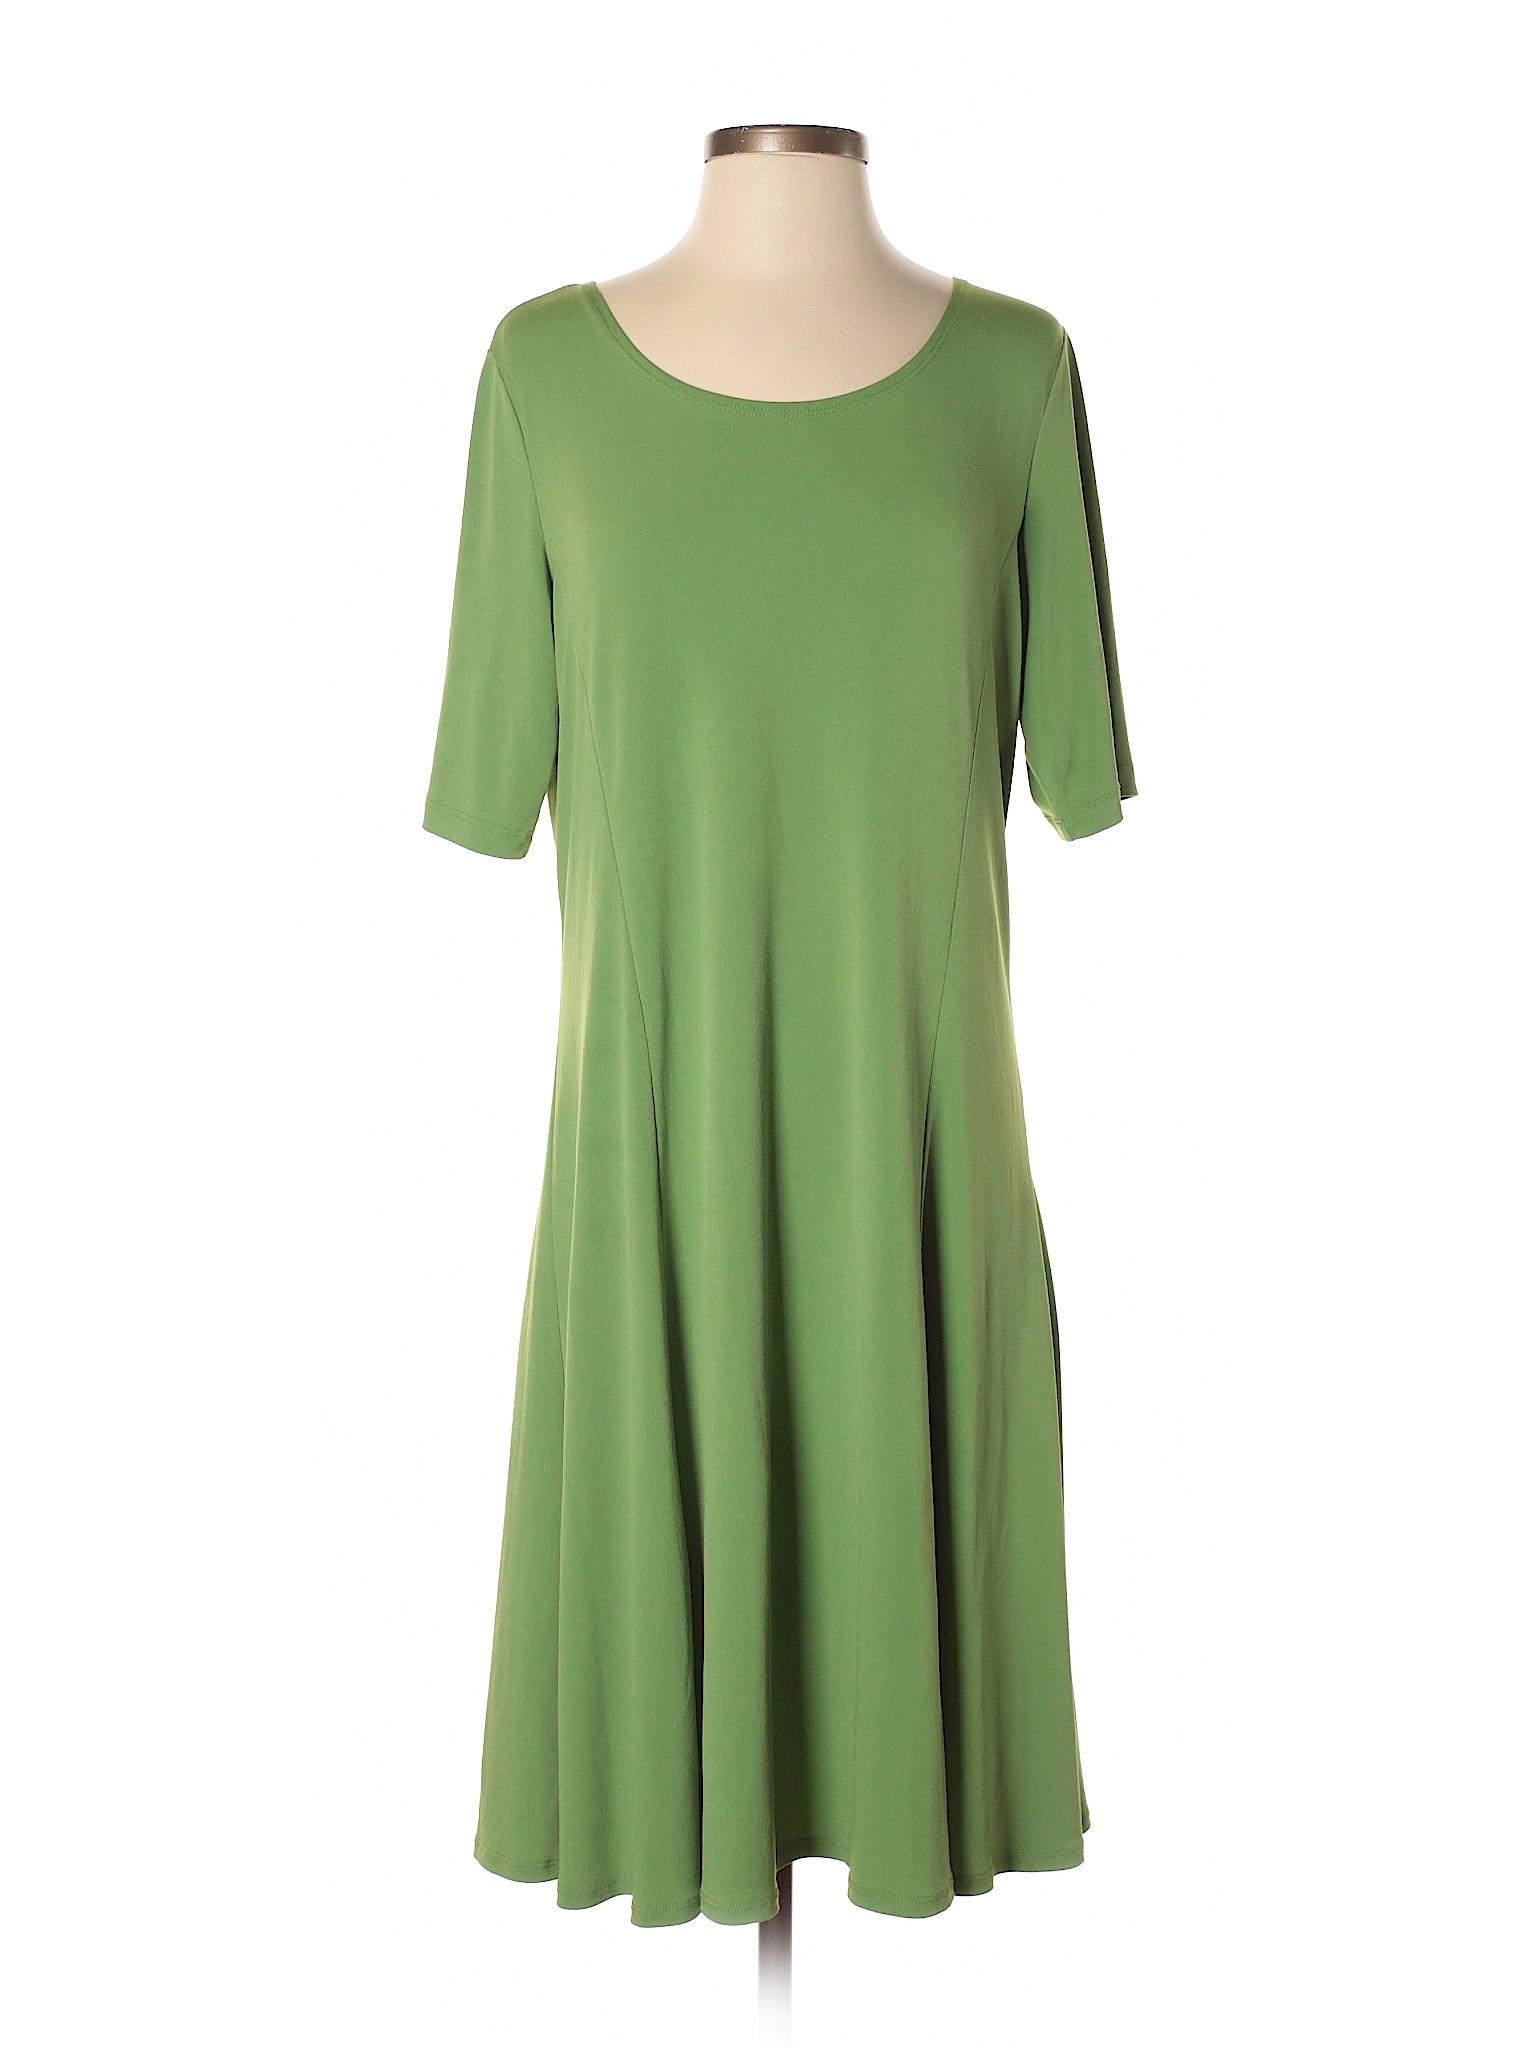 Boutique Dress Casual Graver Susan winter wqwTP